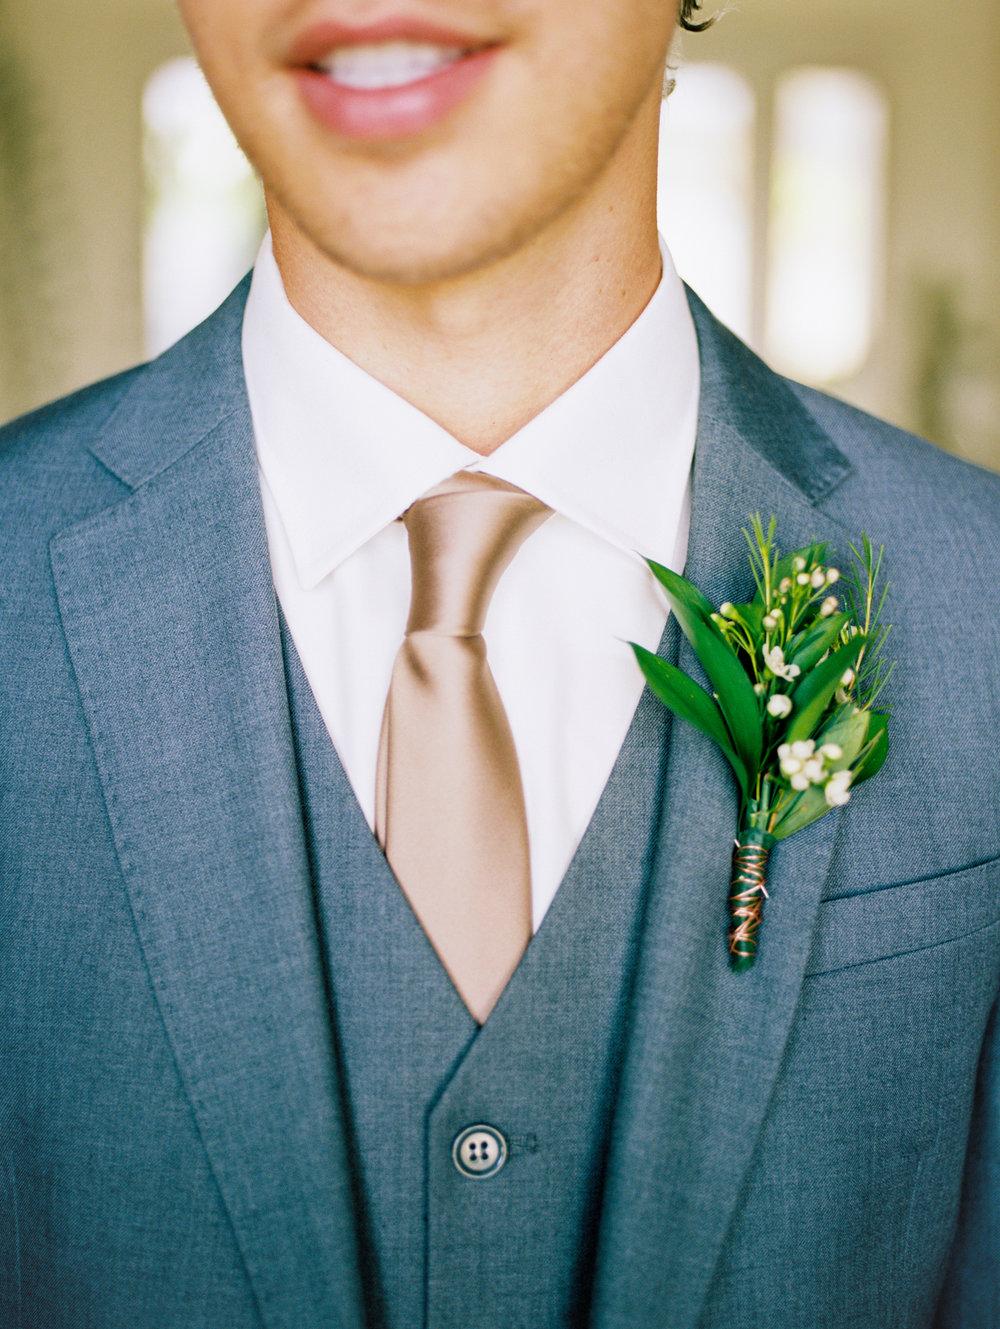 dennisroycoronel_ashleyanthony_vanessahudgens_austinbutler_wedding_losangeles_photographer-50.jpg